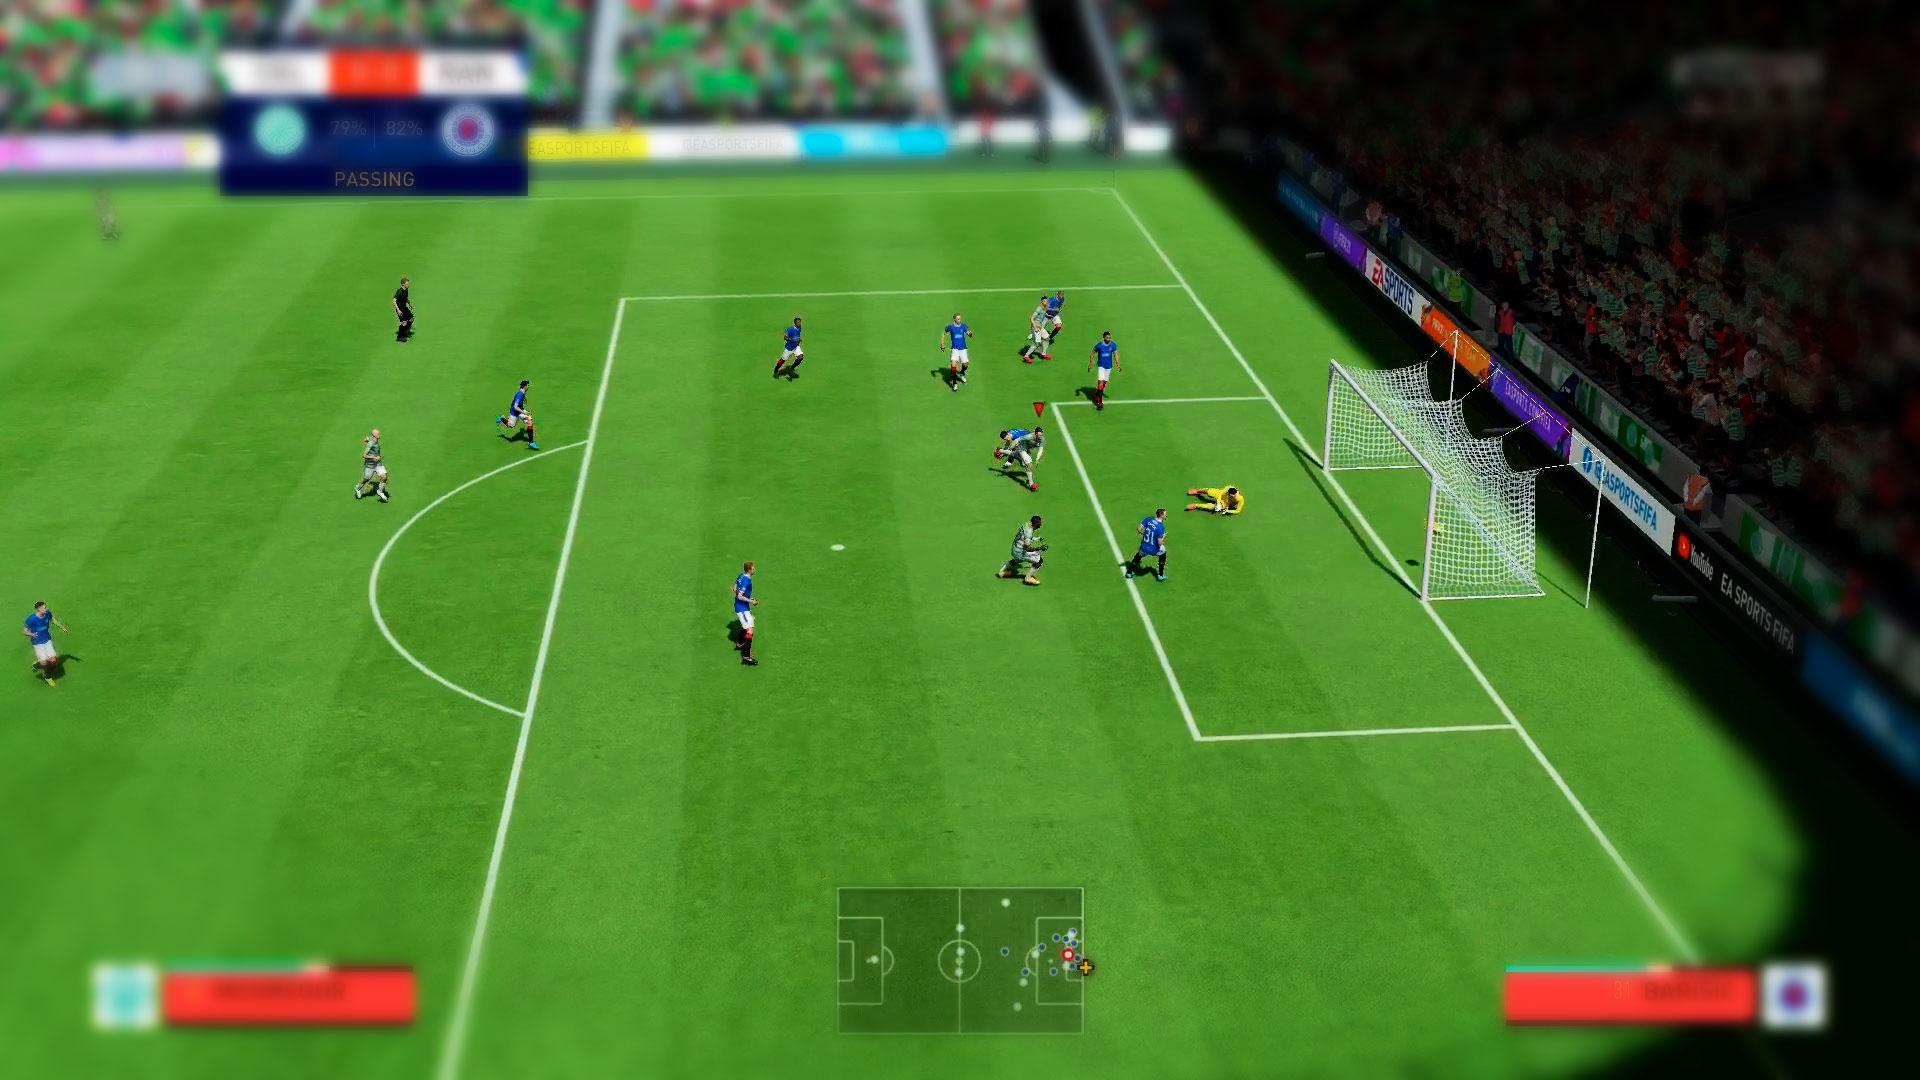 Футбол для игры по сети